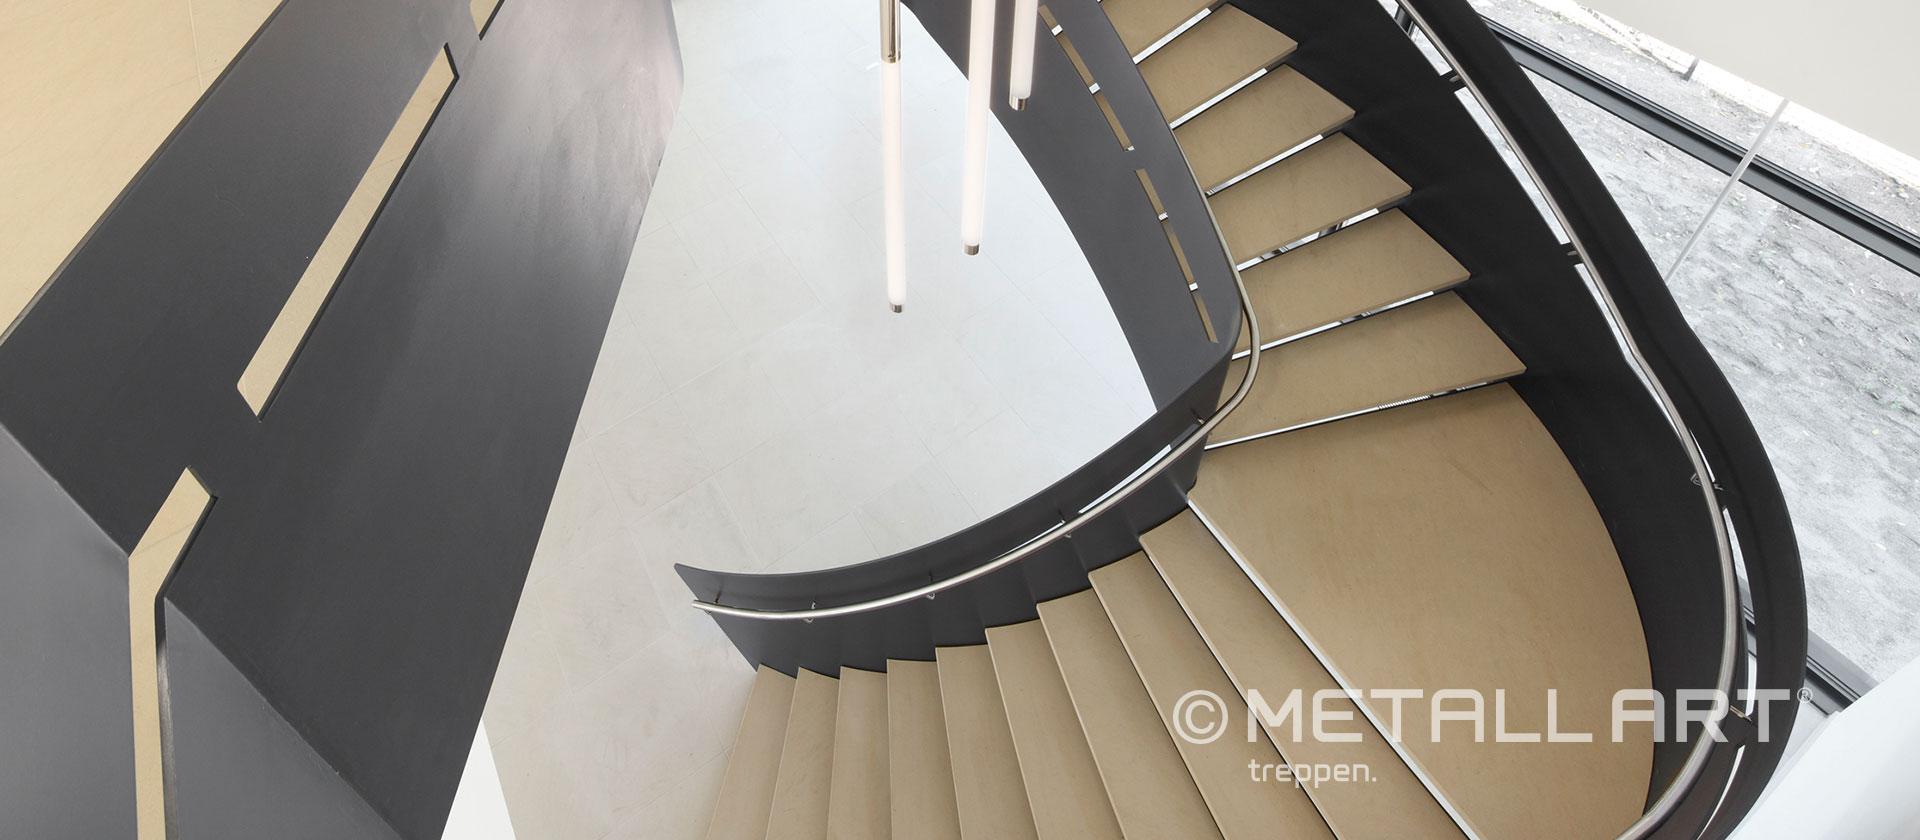 Stahltreppe modernes Gebäude